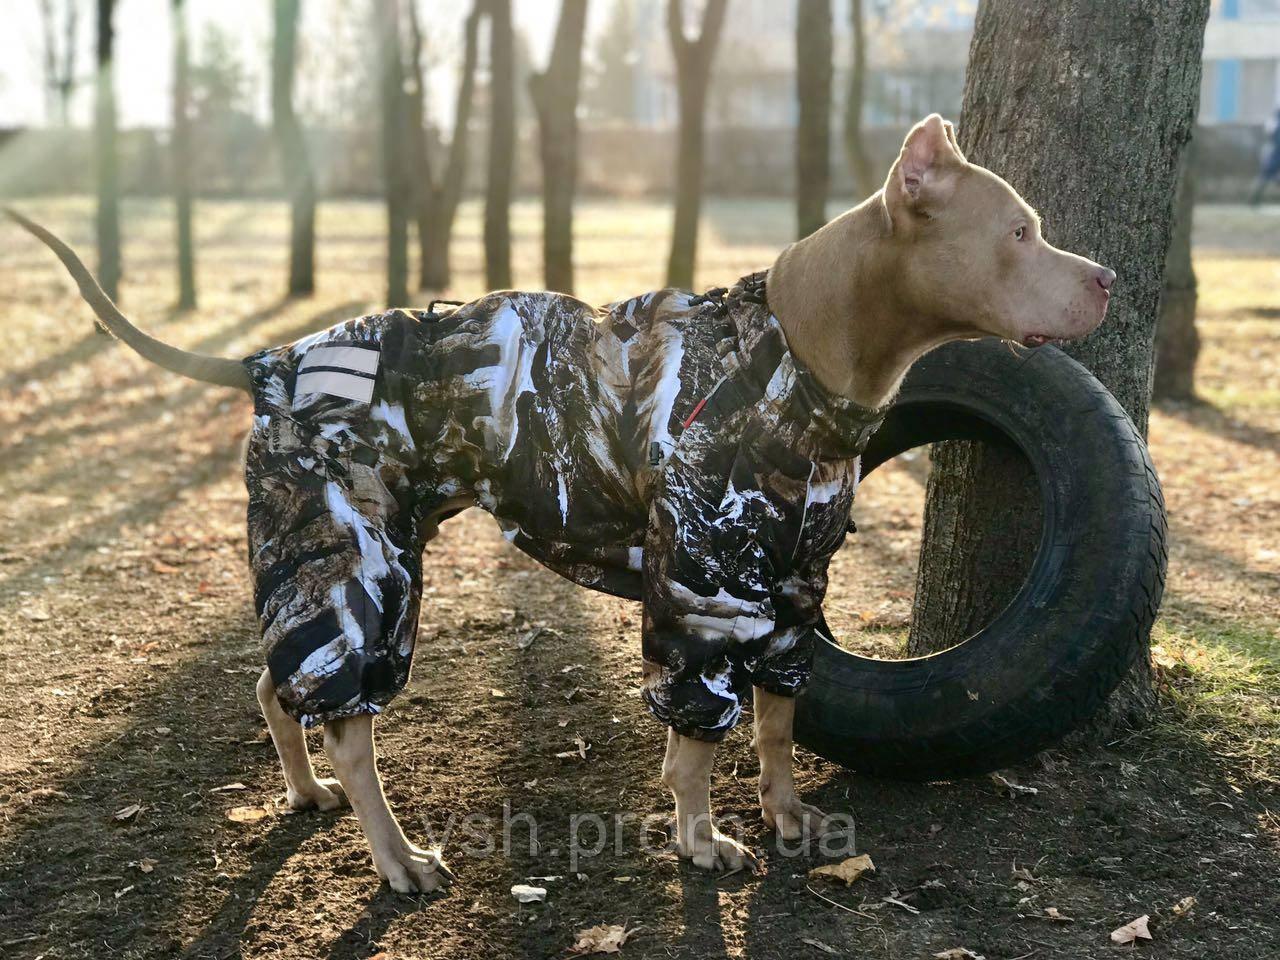 a87f4d23b0ef Одежда Комбинезон для Собак больших пород EXtrim-Z (+флис), мембрана ...